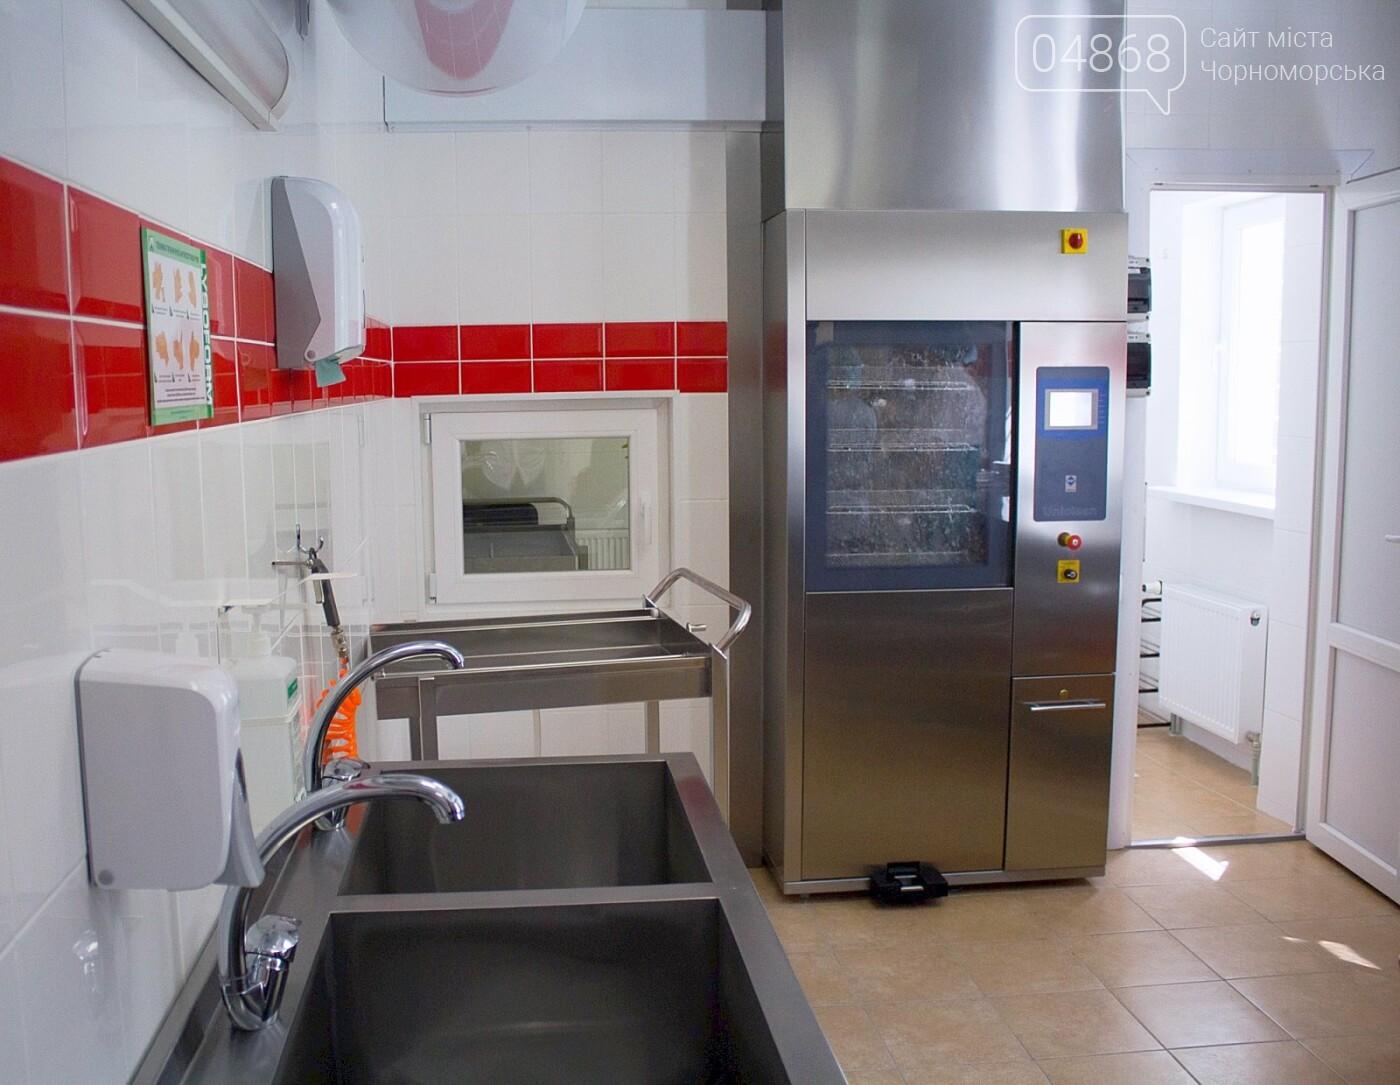 Мэр Черноморска поздравил медиков и посетил новое отделение больницы, фото-15